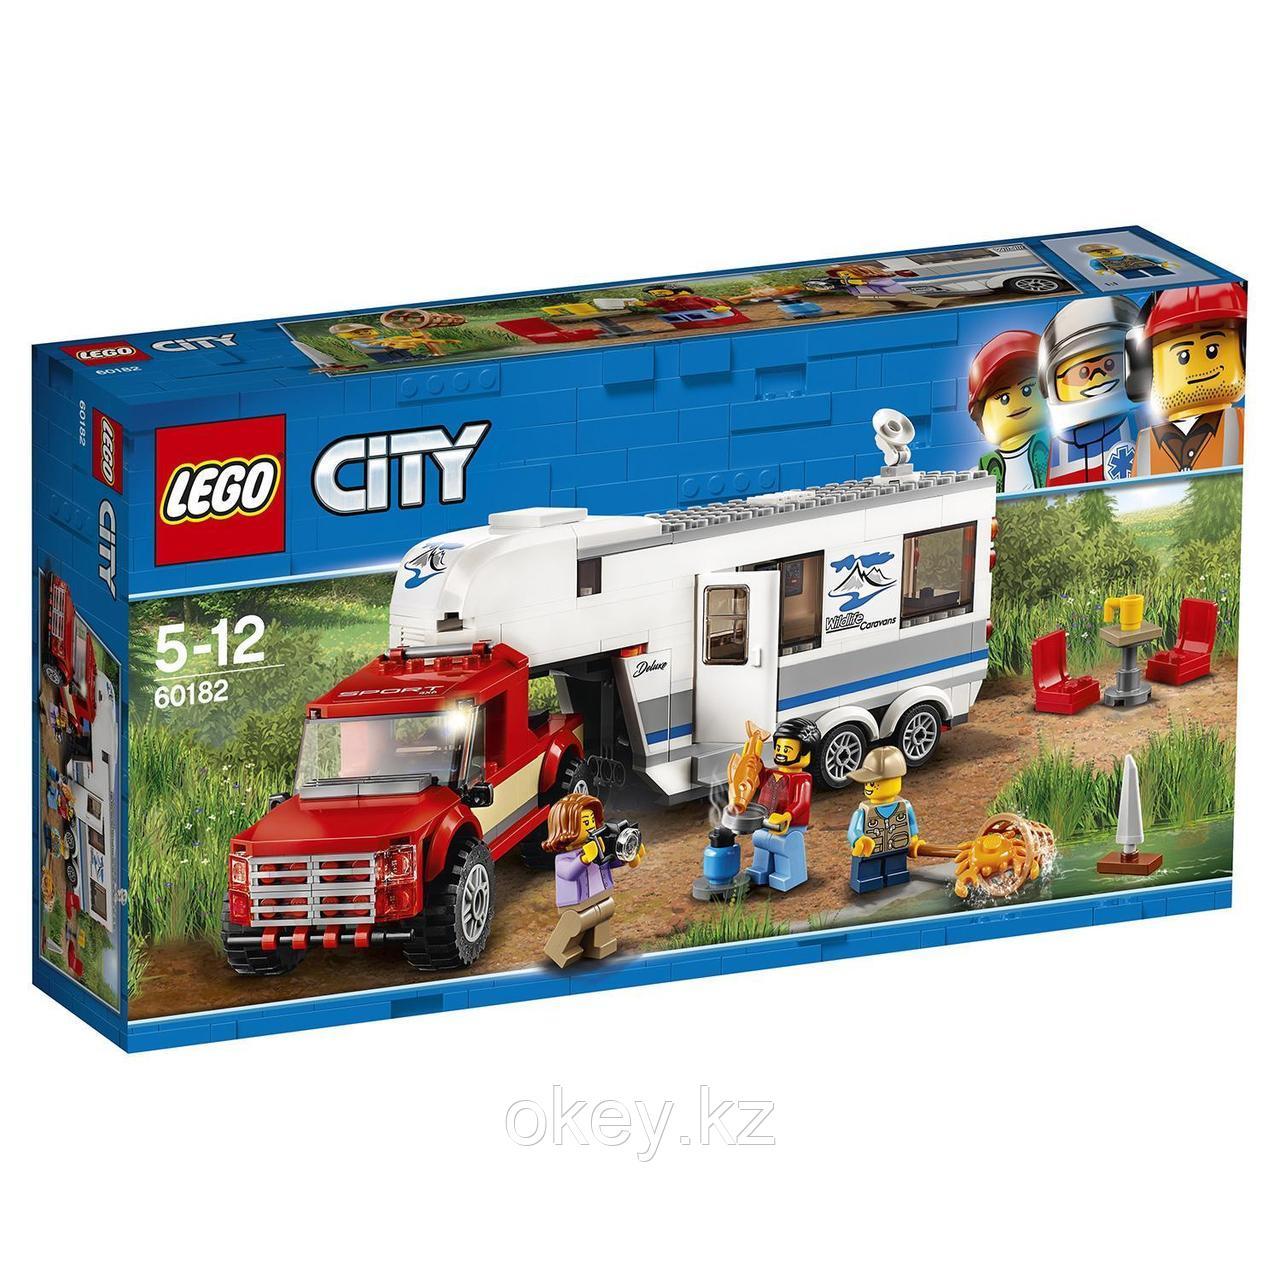 LEGO City: Дом на колесах 60182